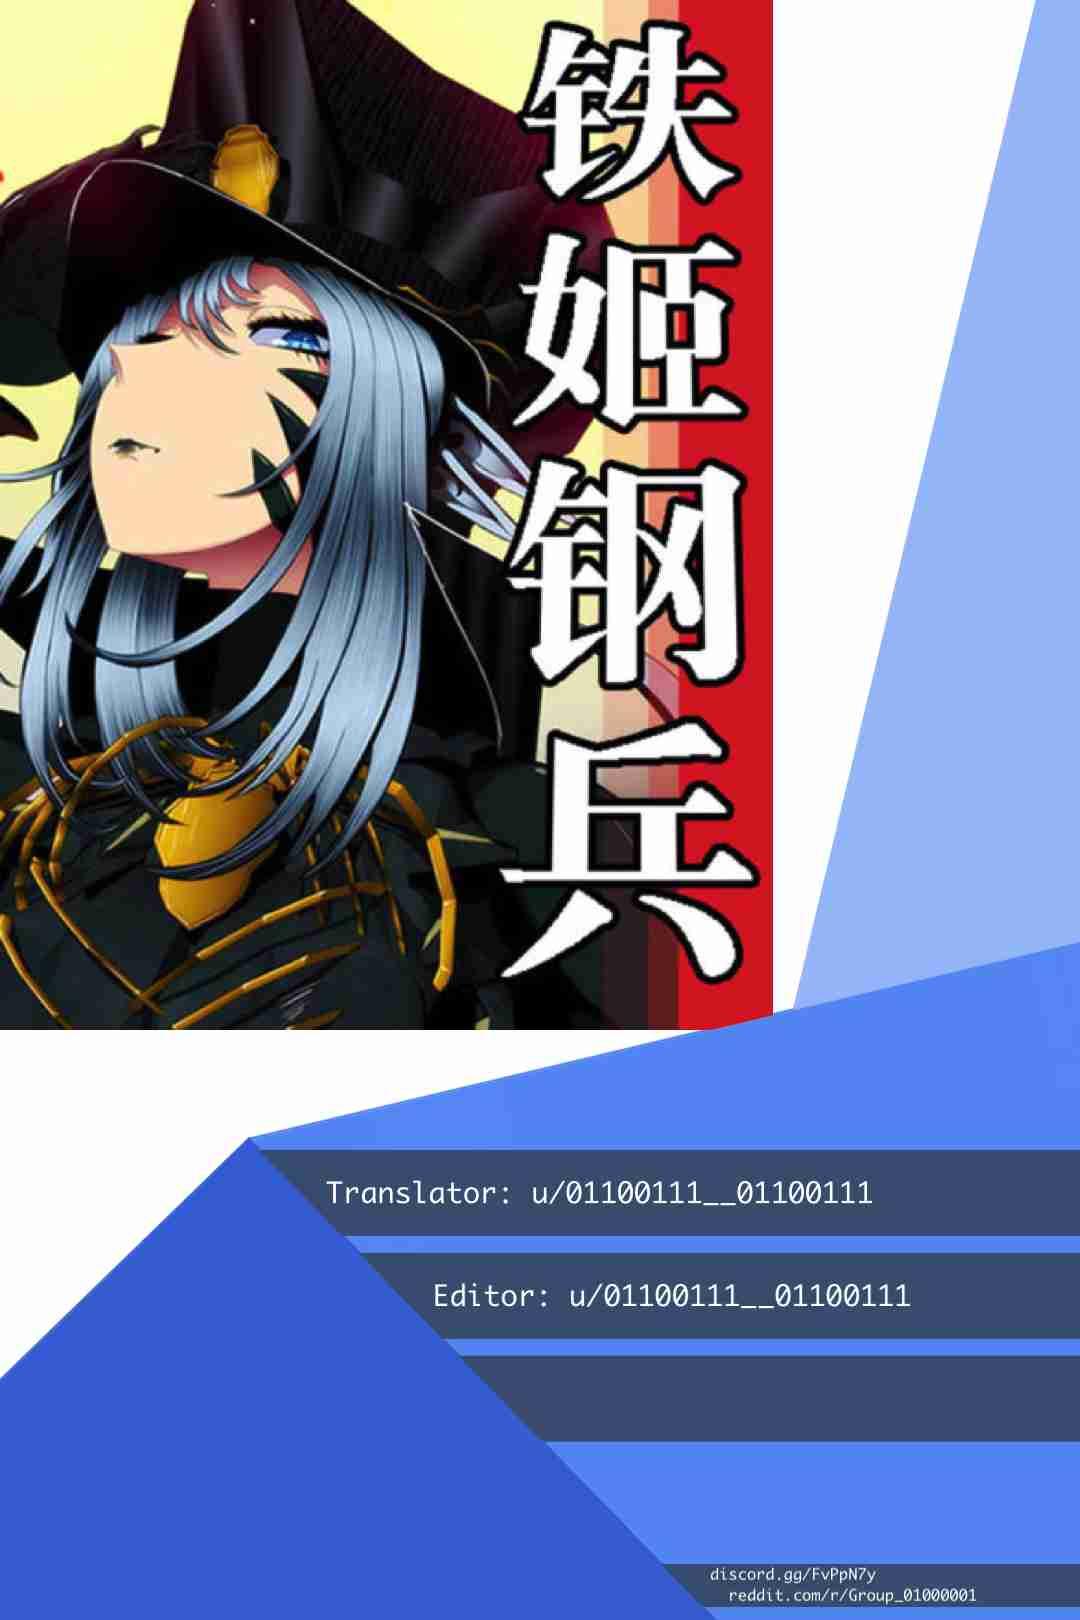 https://manga.mangadogs.com/comics/pic2/59/24443/765438/398024cb5e21d749d728926a28b19d00.jpg Page 1